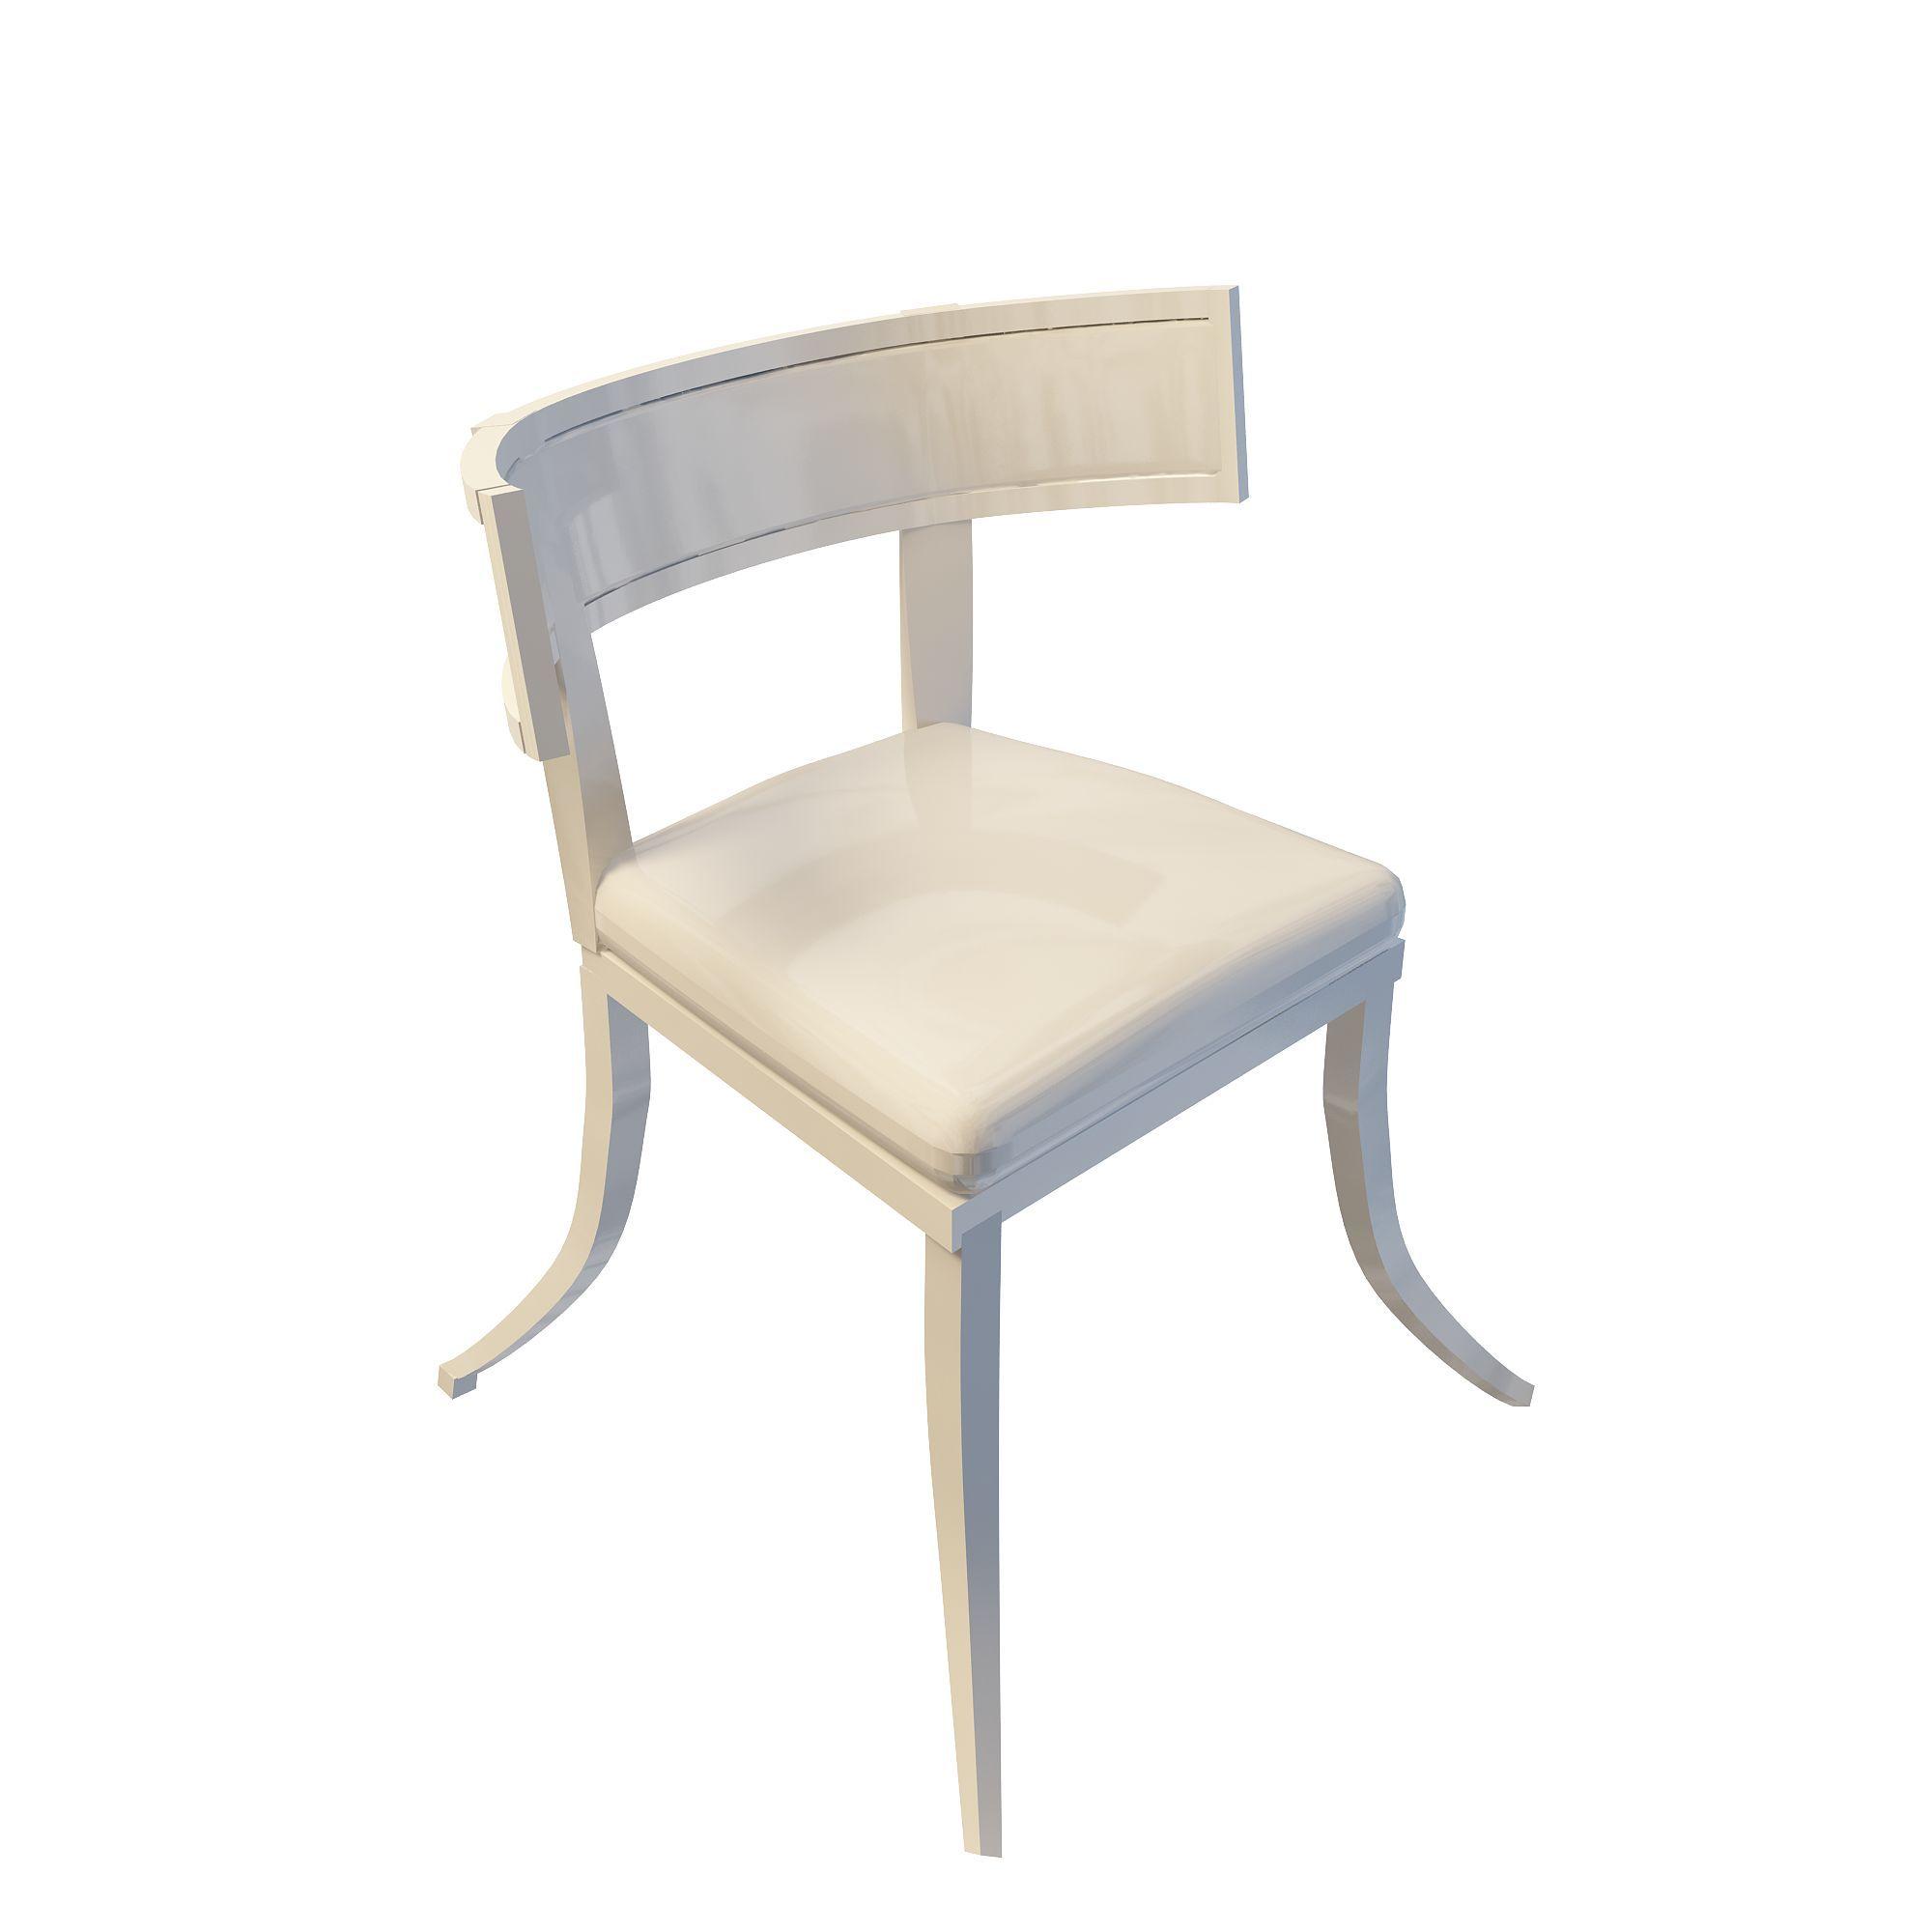 家具组合 椅 弧形靠背椅3d模型 弧形靠背椅png高清图  弧形靠背椅高清